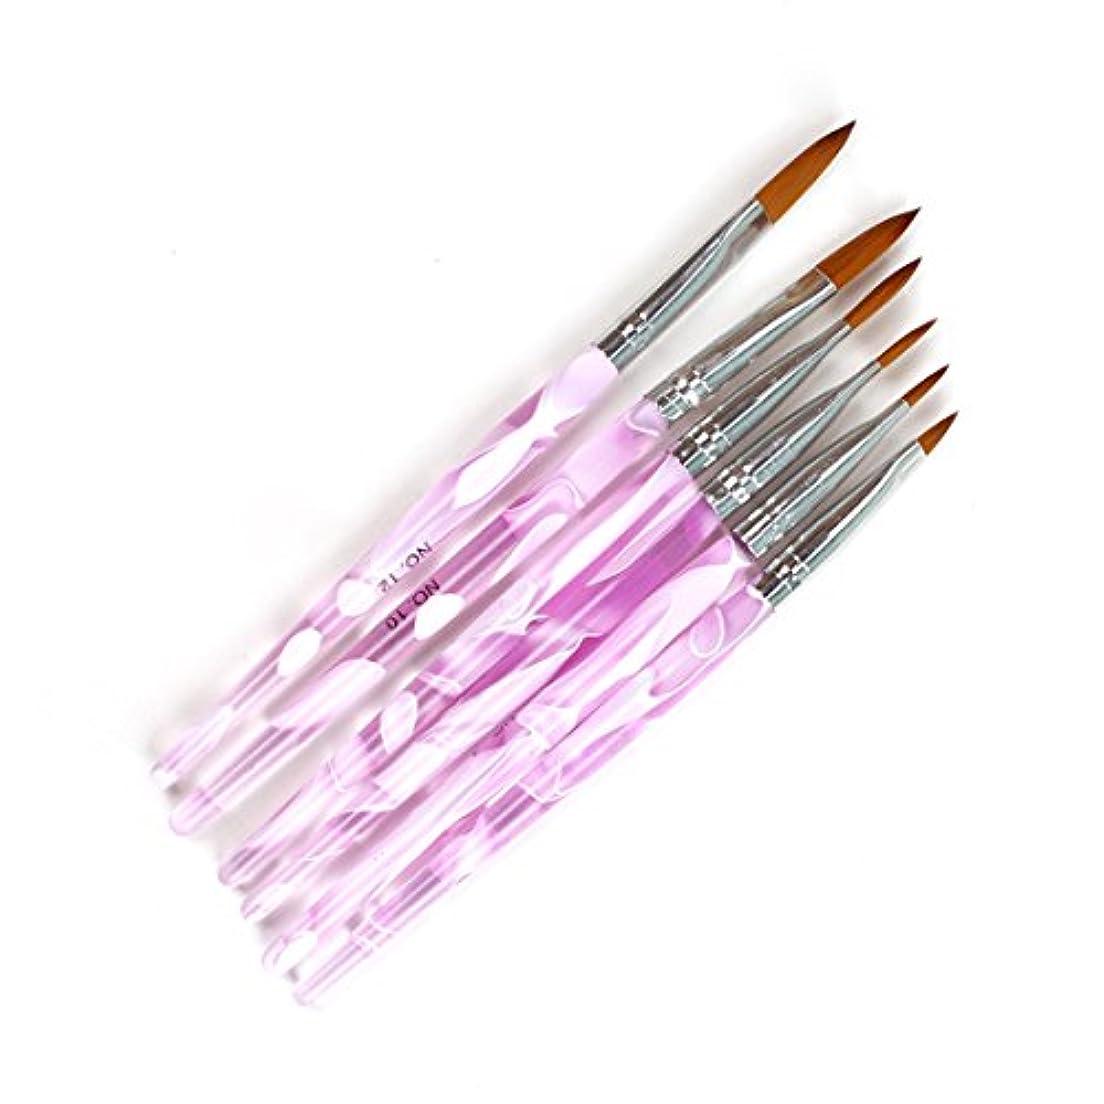 かるプラス作るYiteng ネイルブラシ ジェルネイル ネイル スカルプ ピンク キャップ付き ネイルアート専用ブラシ×6本セット